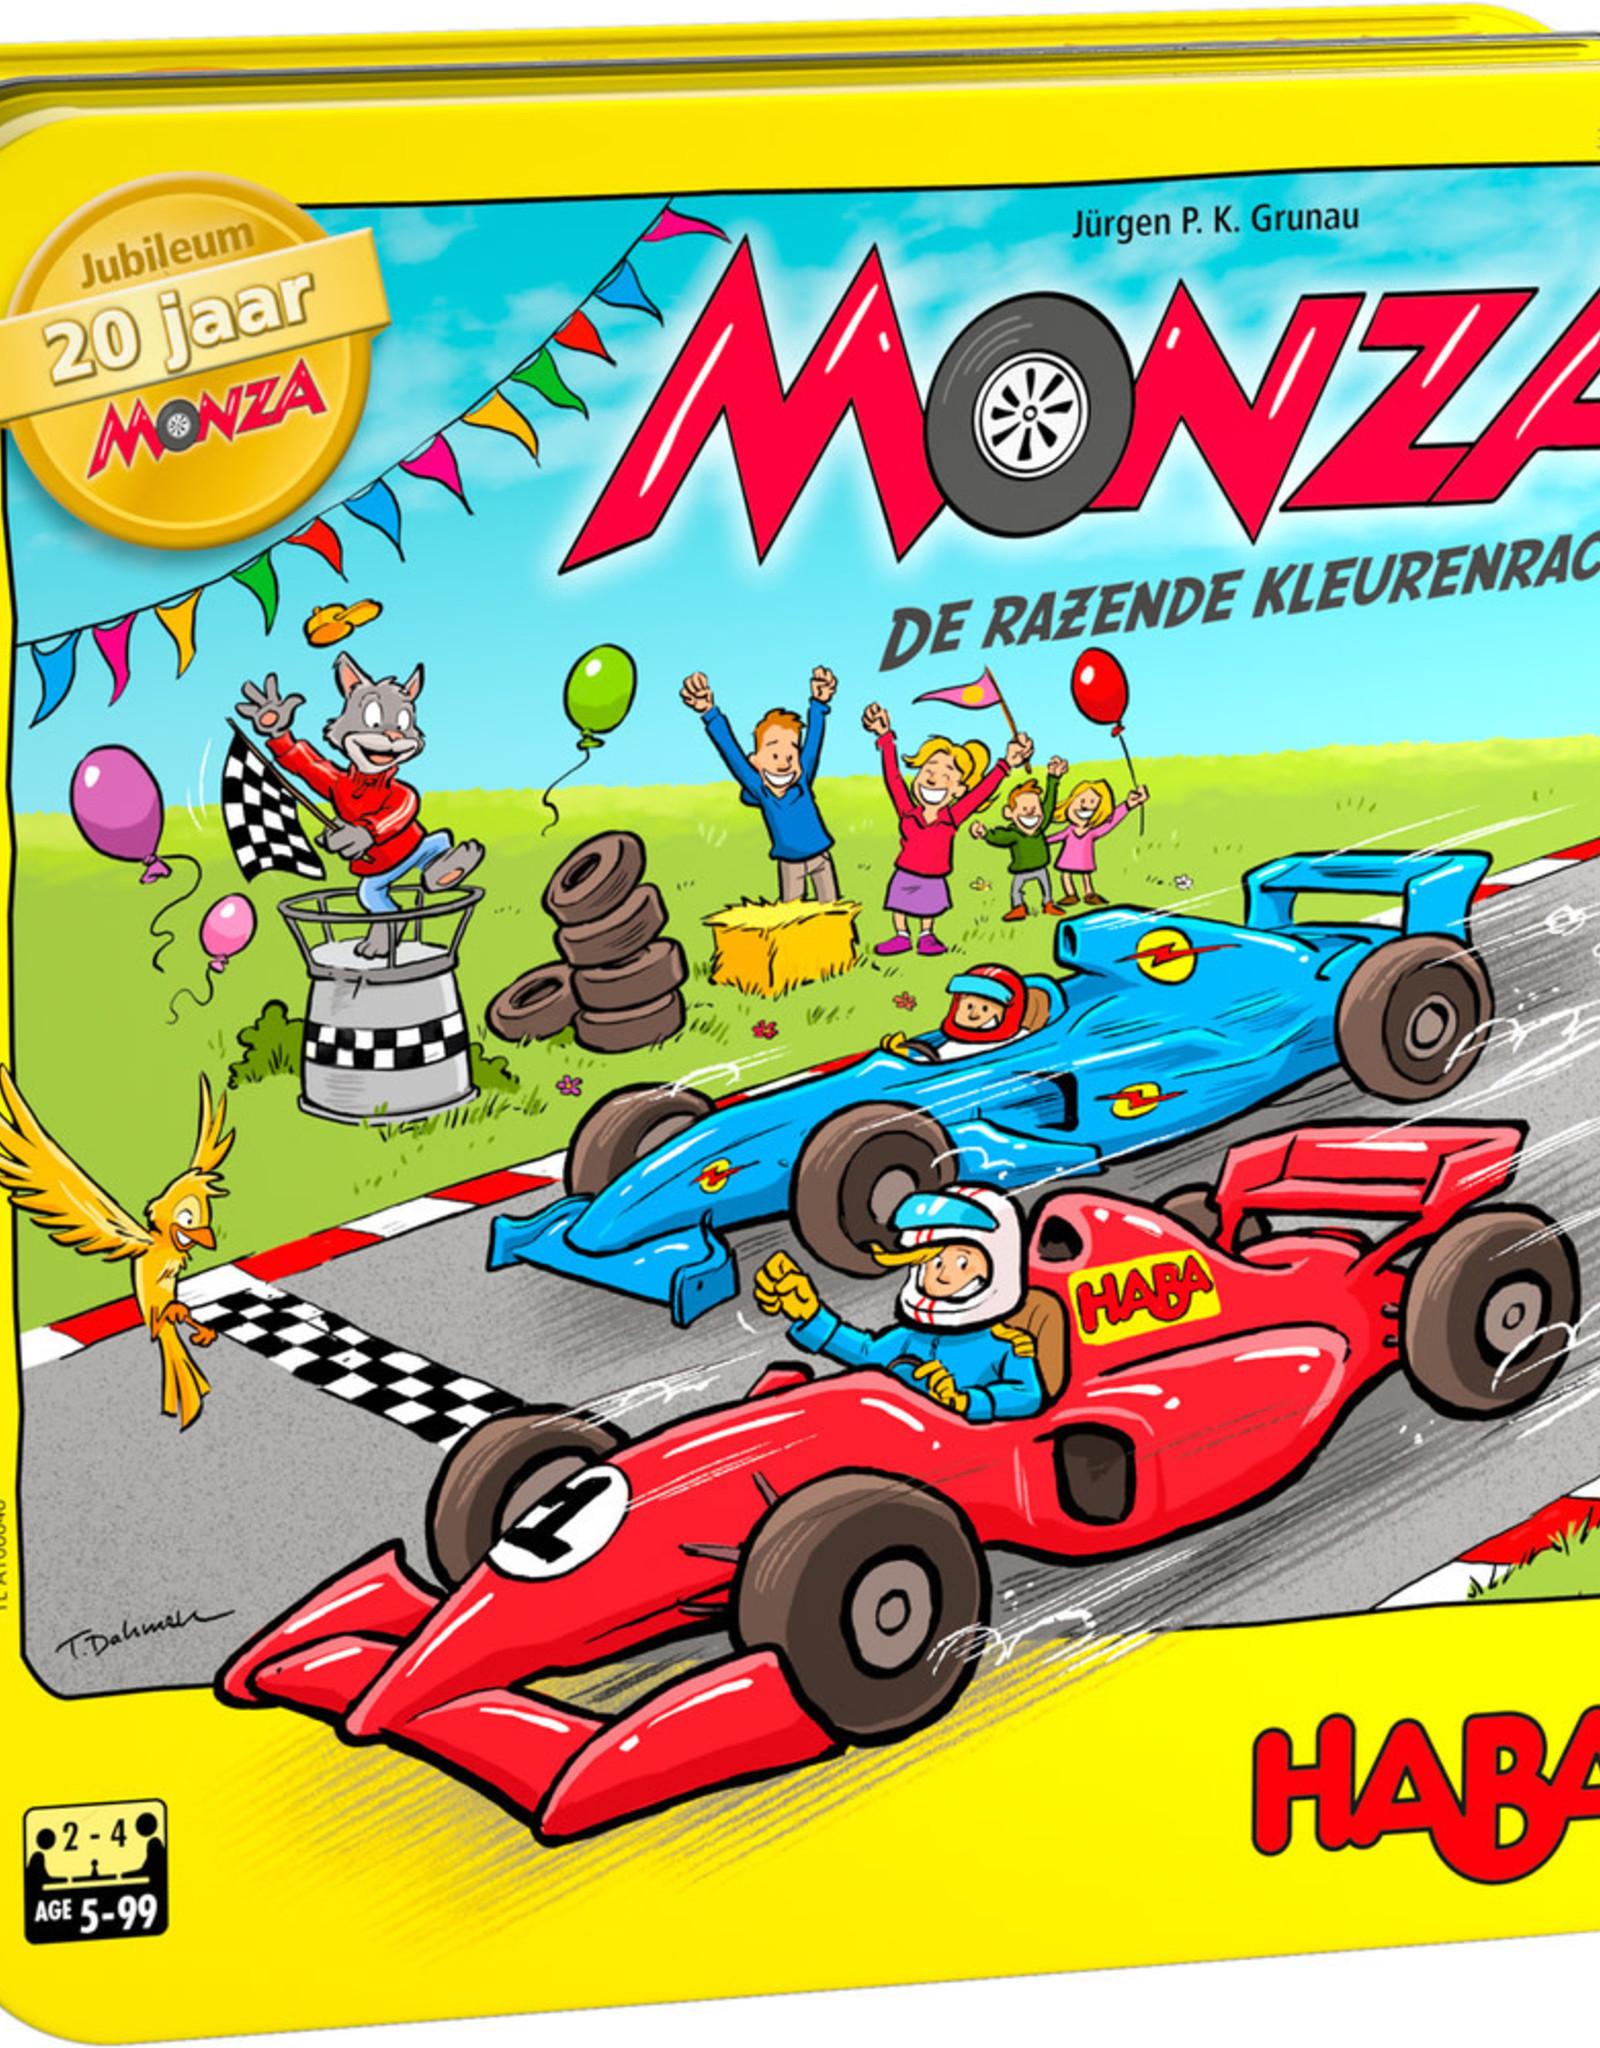 HABA Monza Jubileumeditie